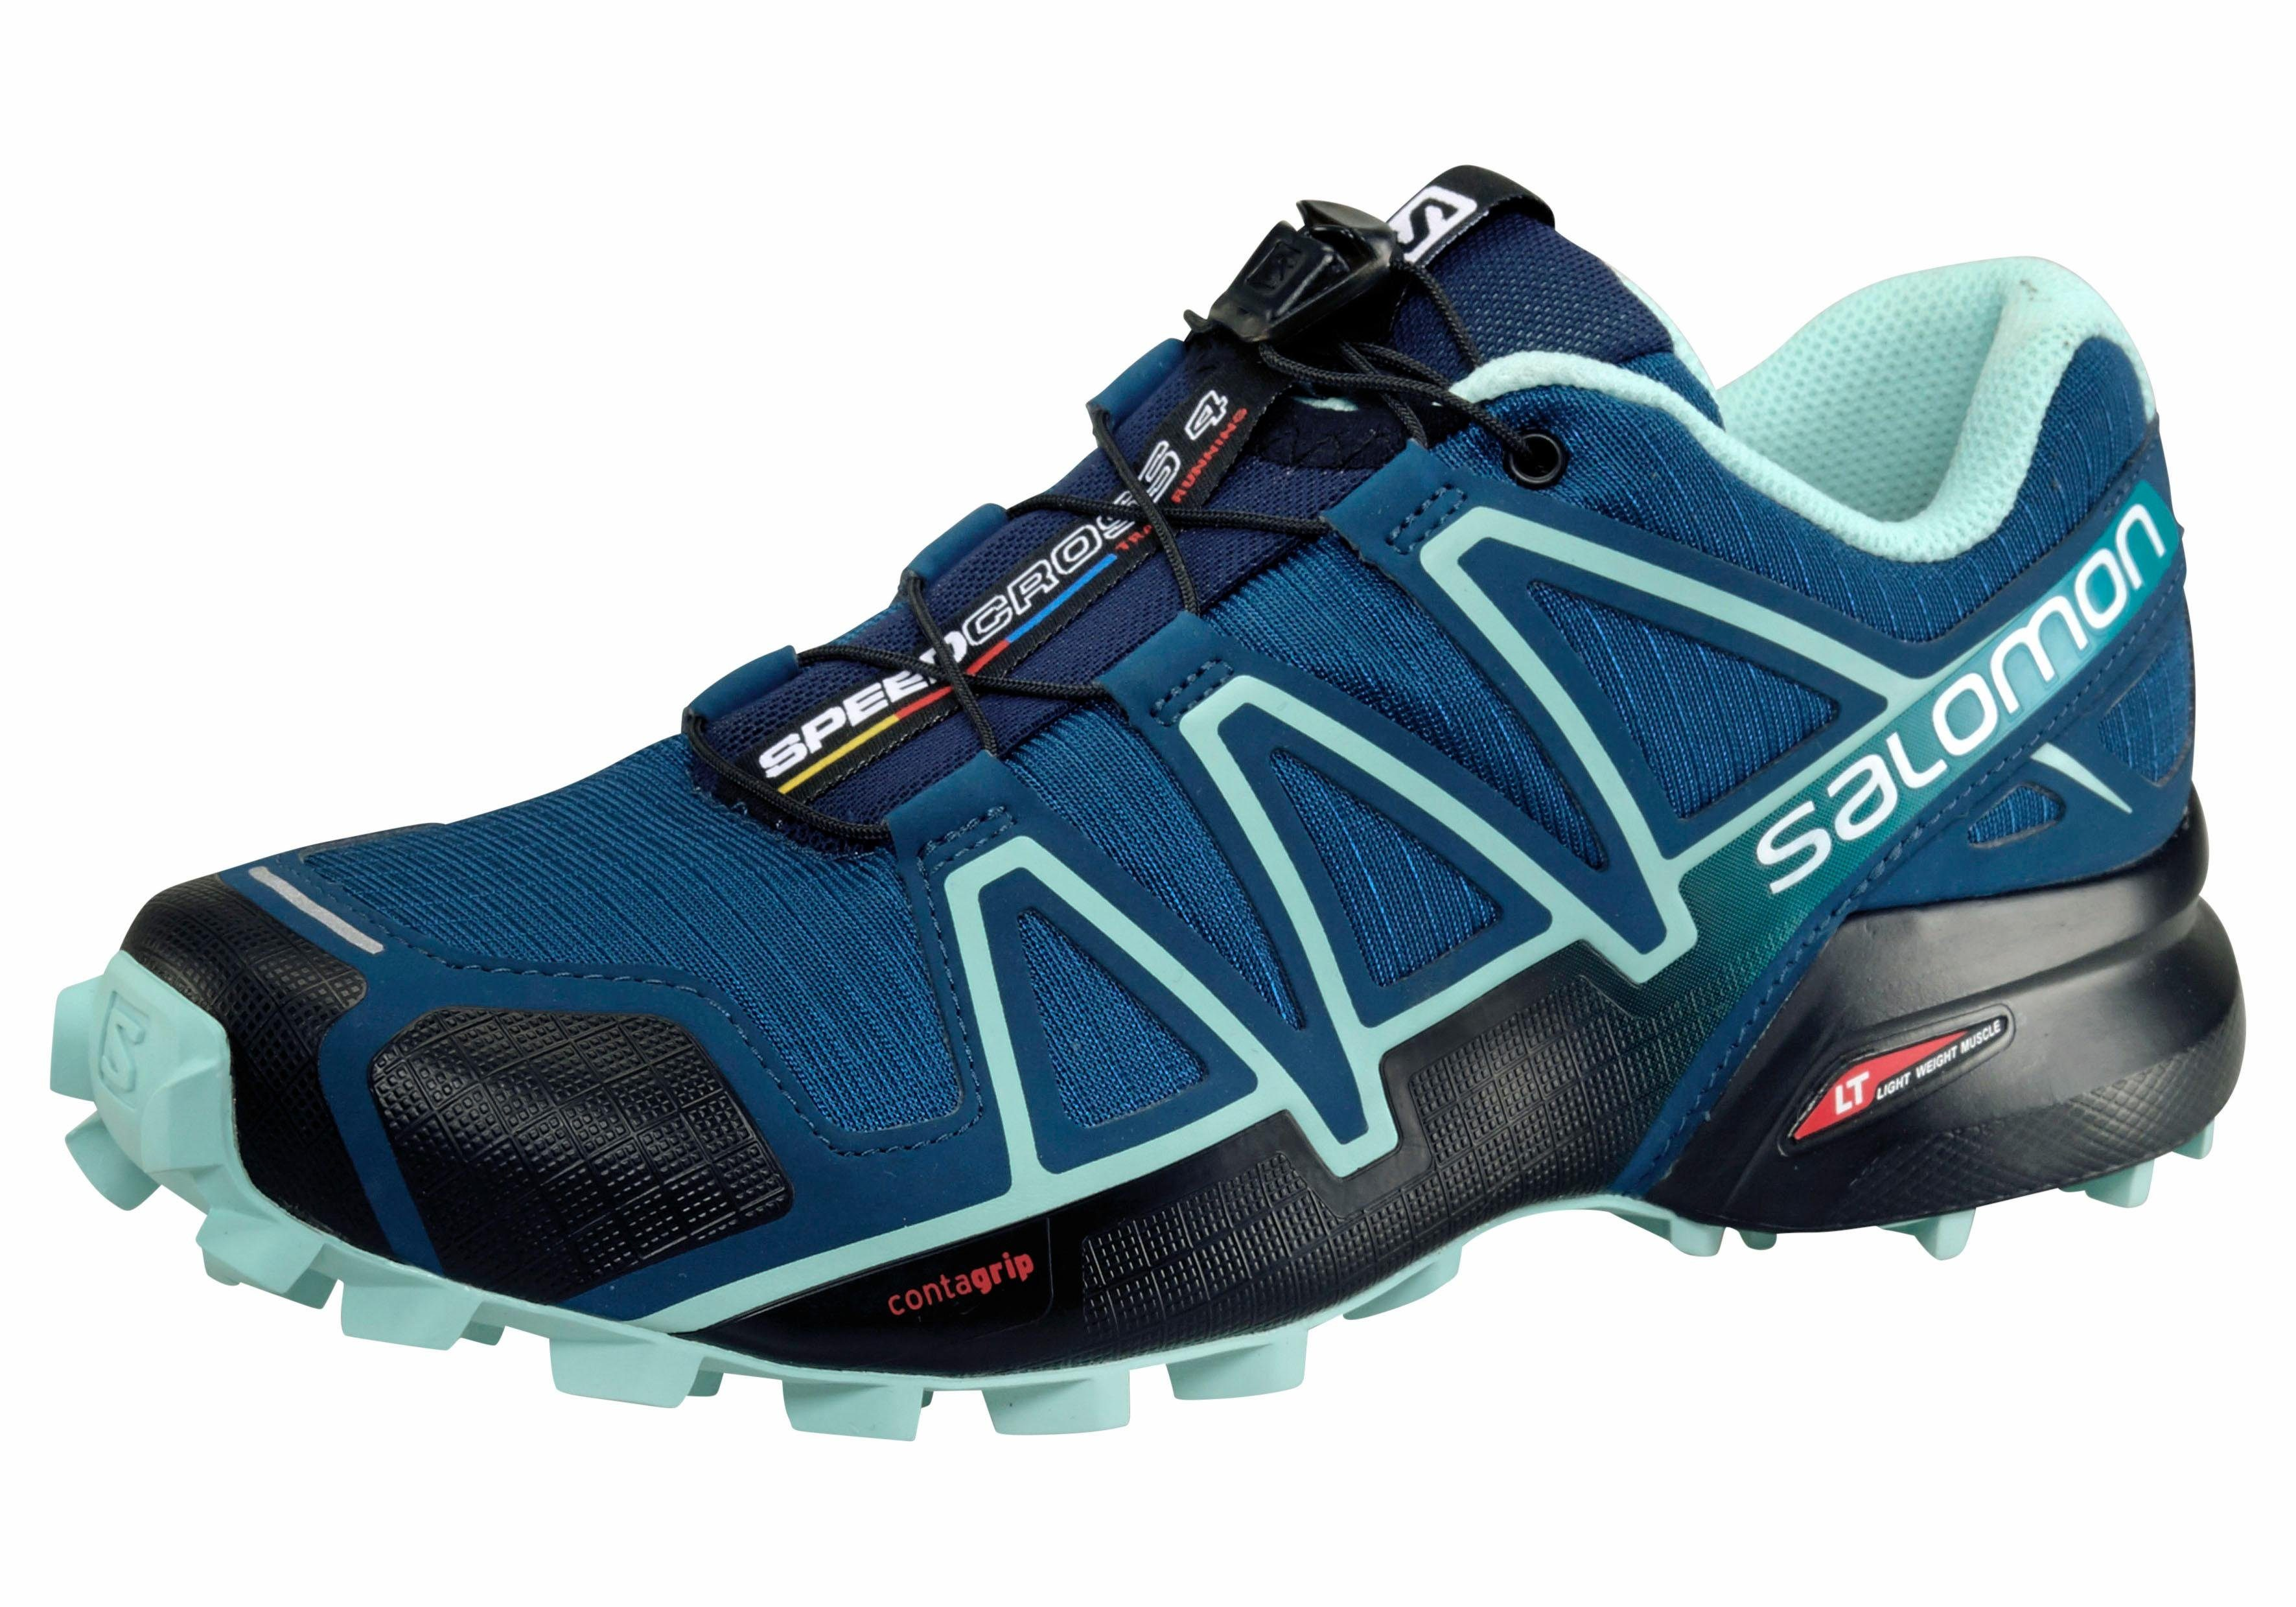 Salomon »Speedcross 4 W« Laufschuh, Leichter Trailrunningschuh von Salomon online kaufen | OTTO